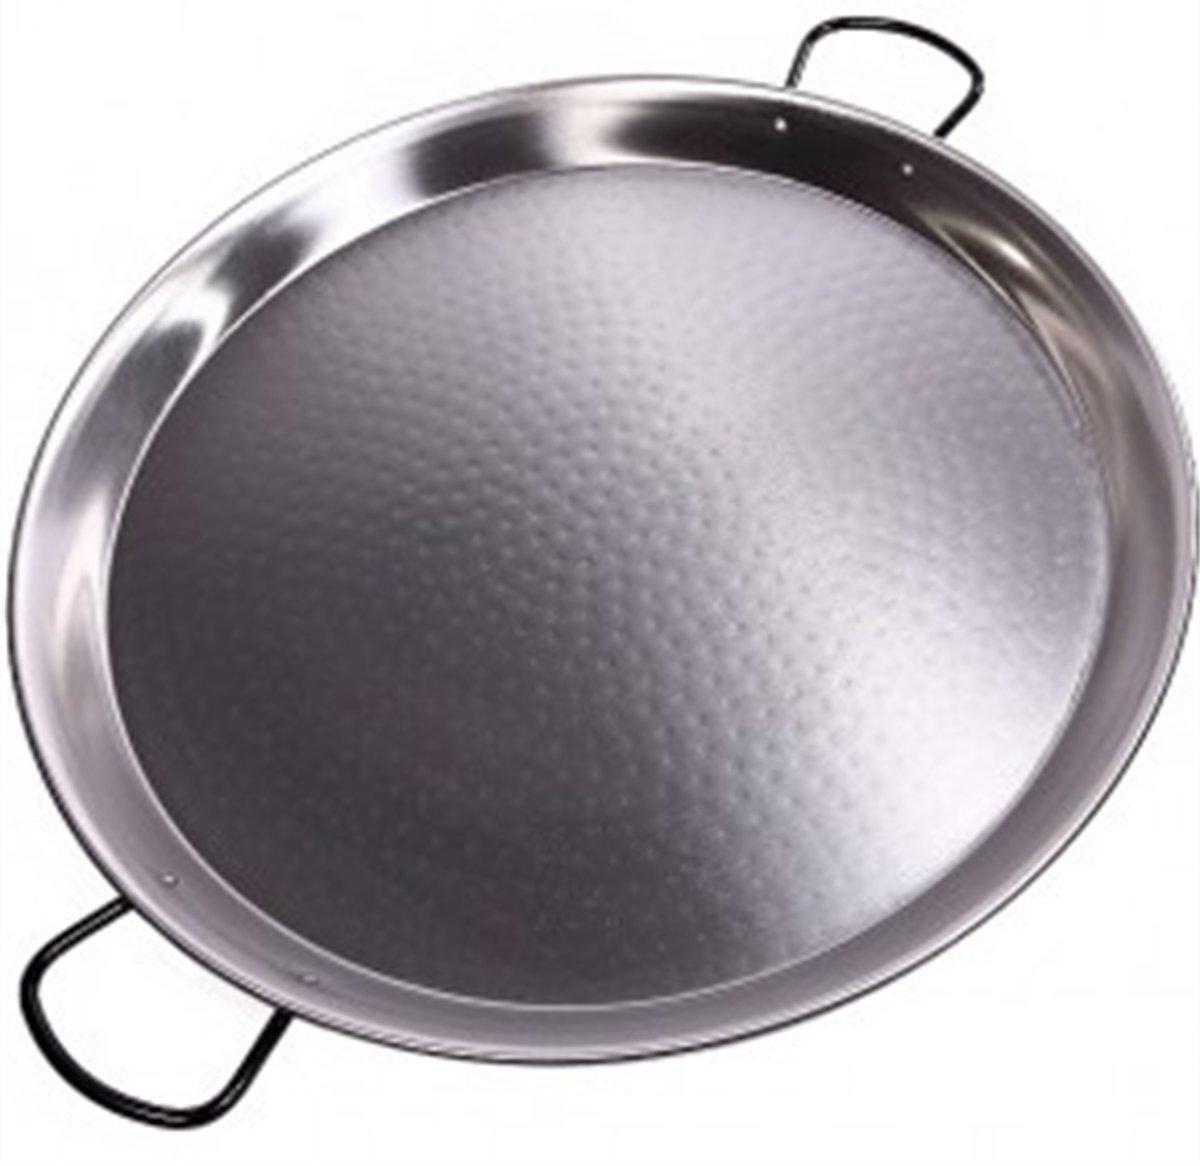 Kookpunt lage paellapan 70cm plaatstaal grijs